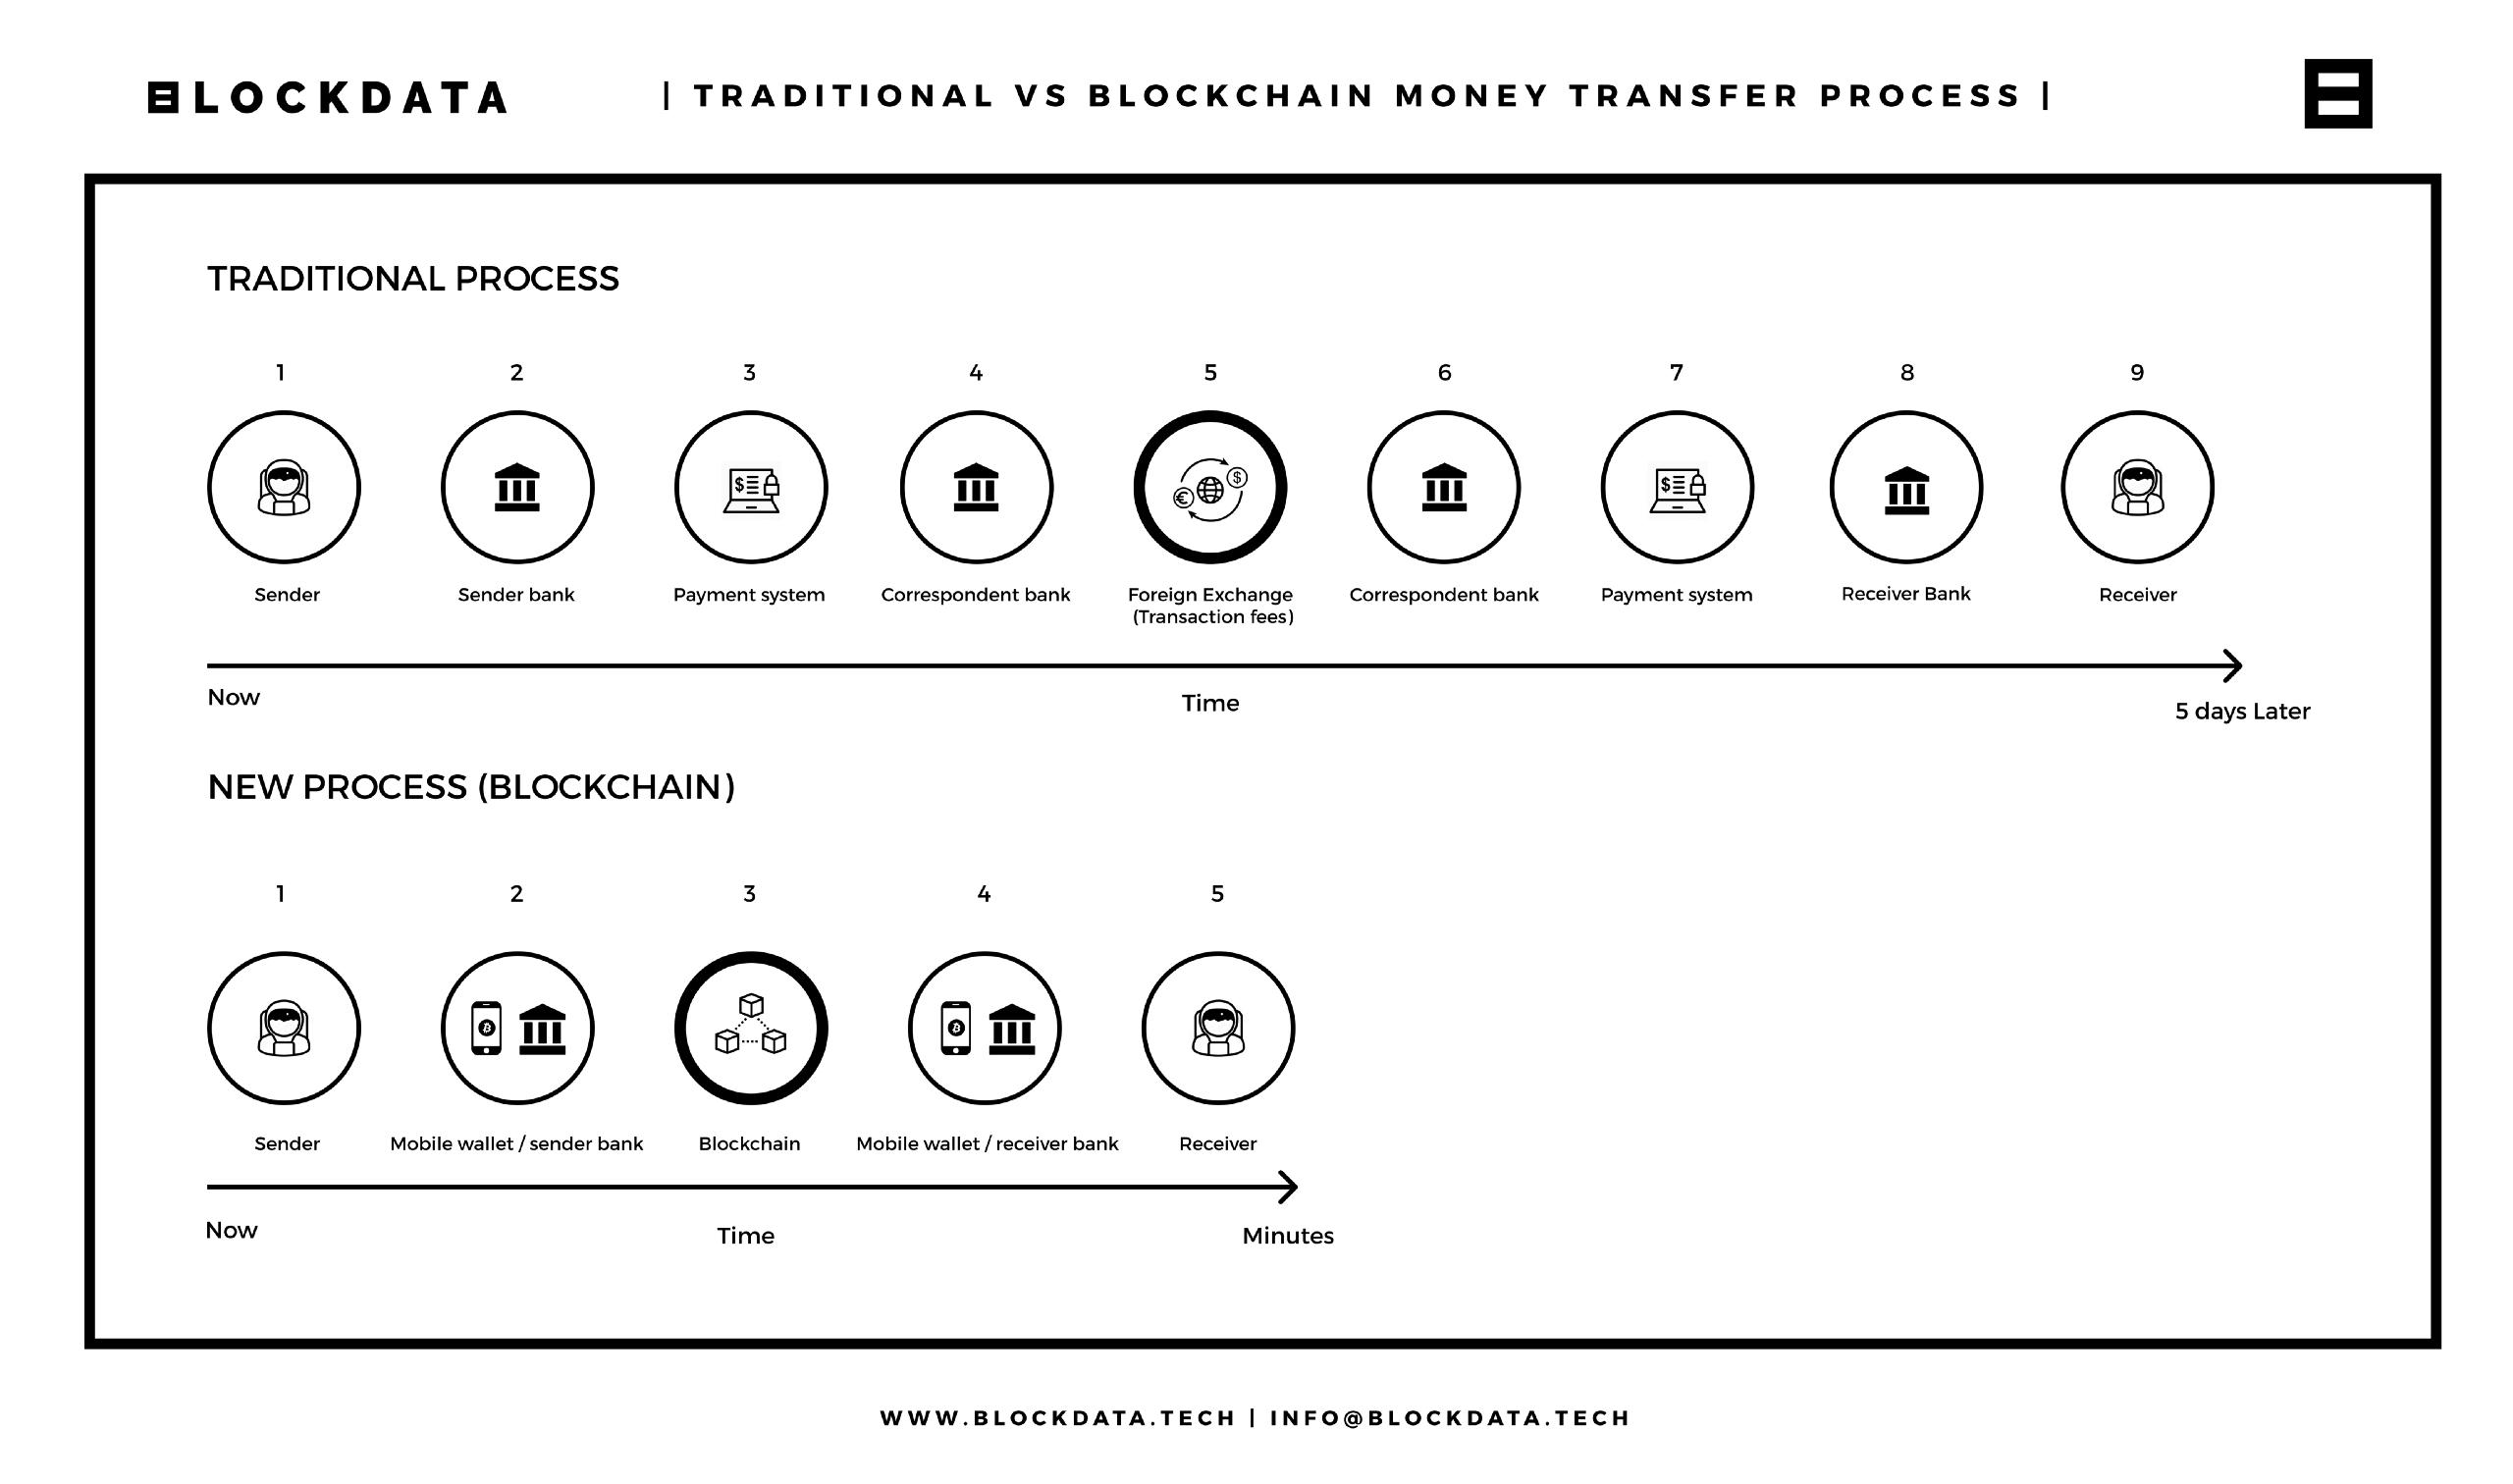 Chuyển tiền truyền thống và chuyển tiền bằng Blockchain